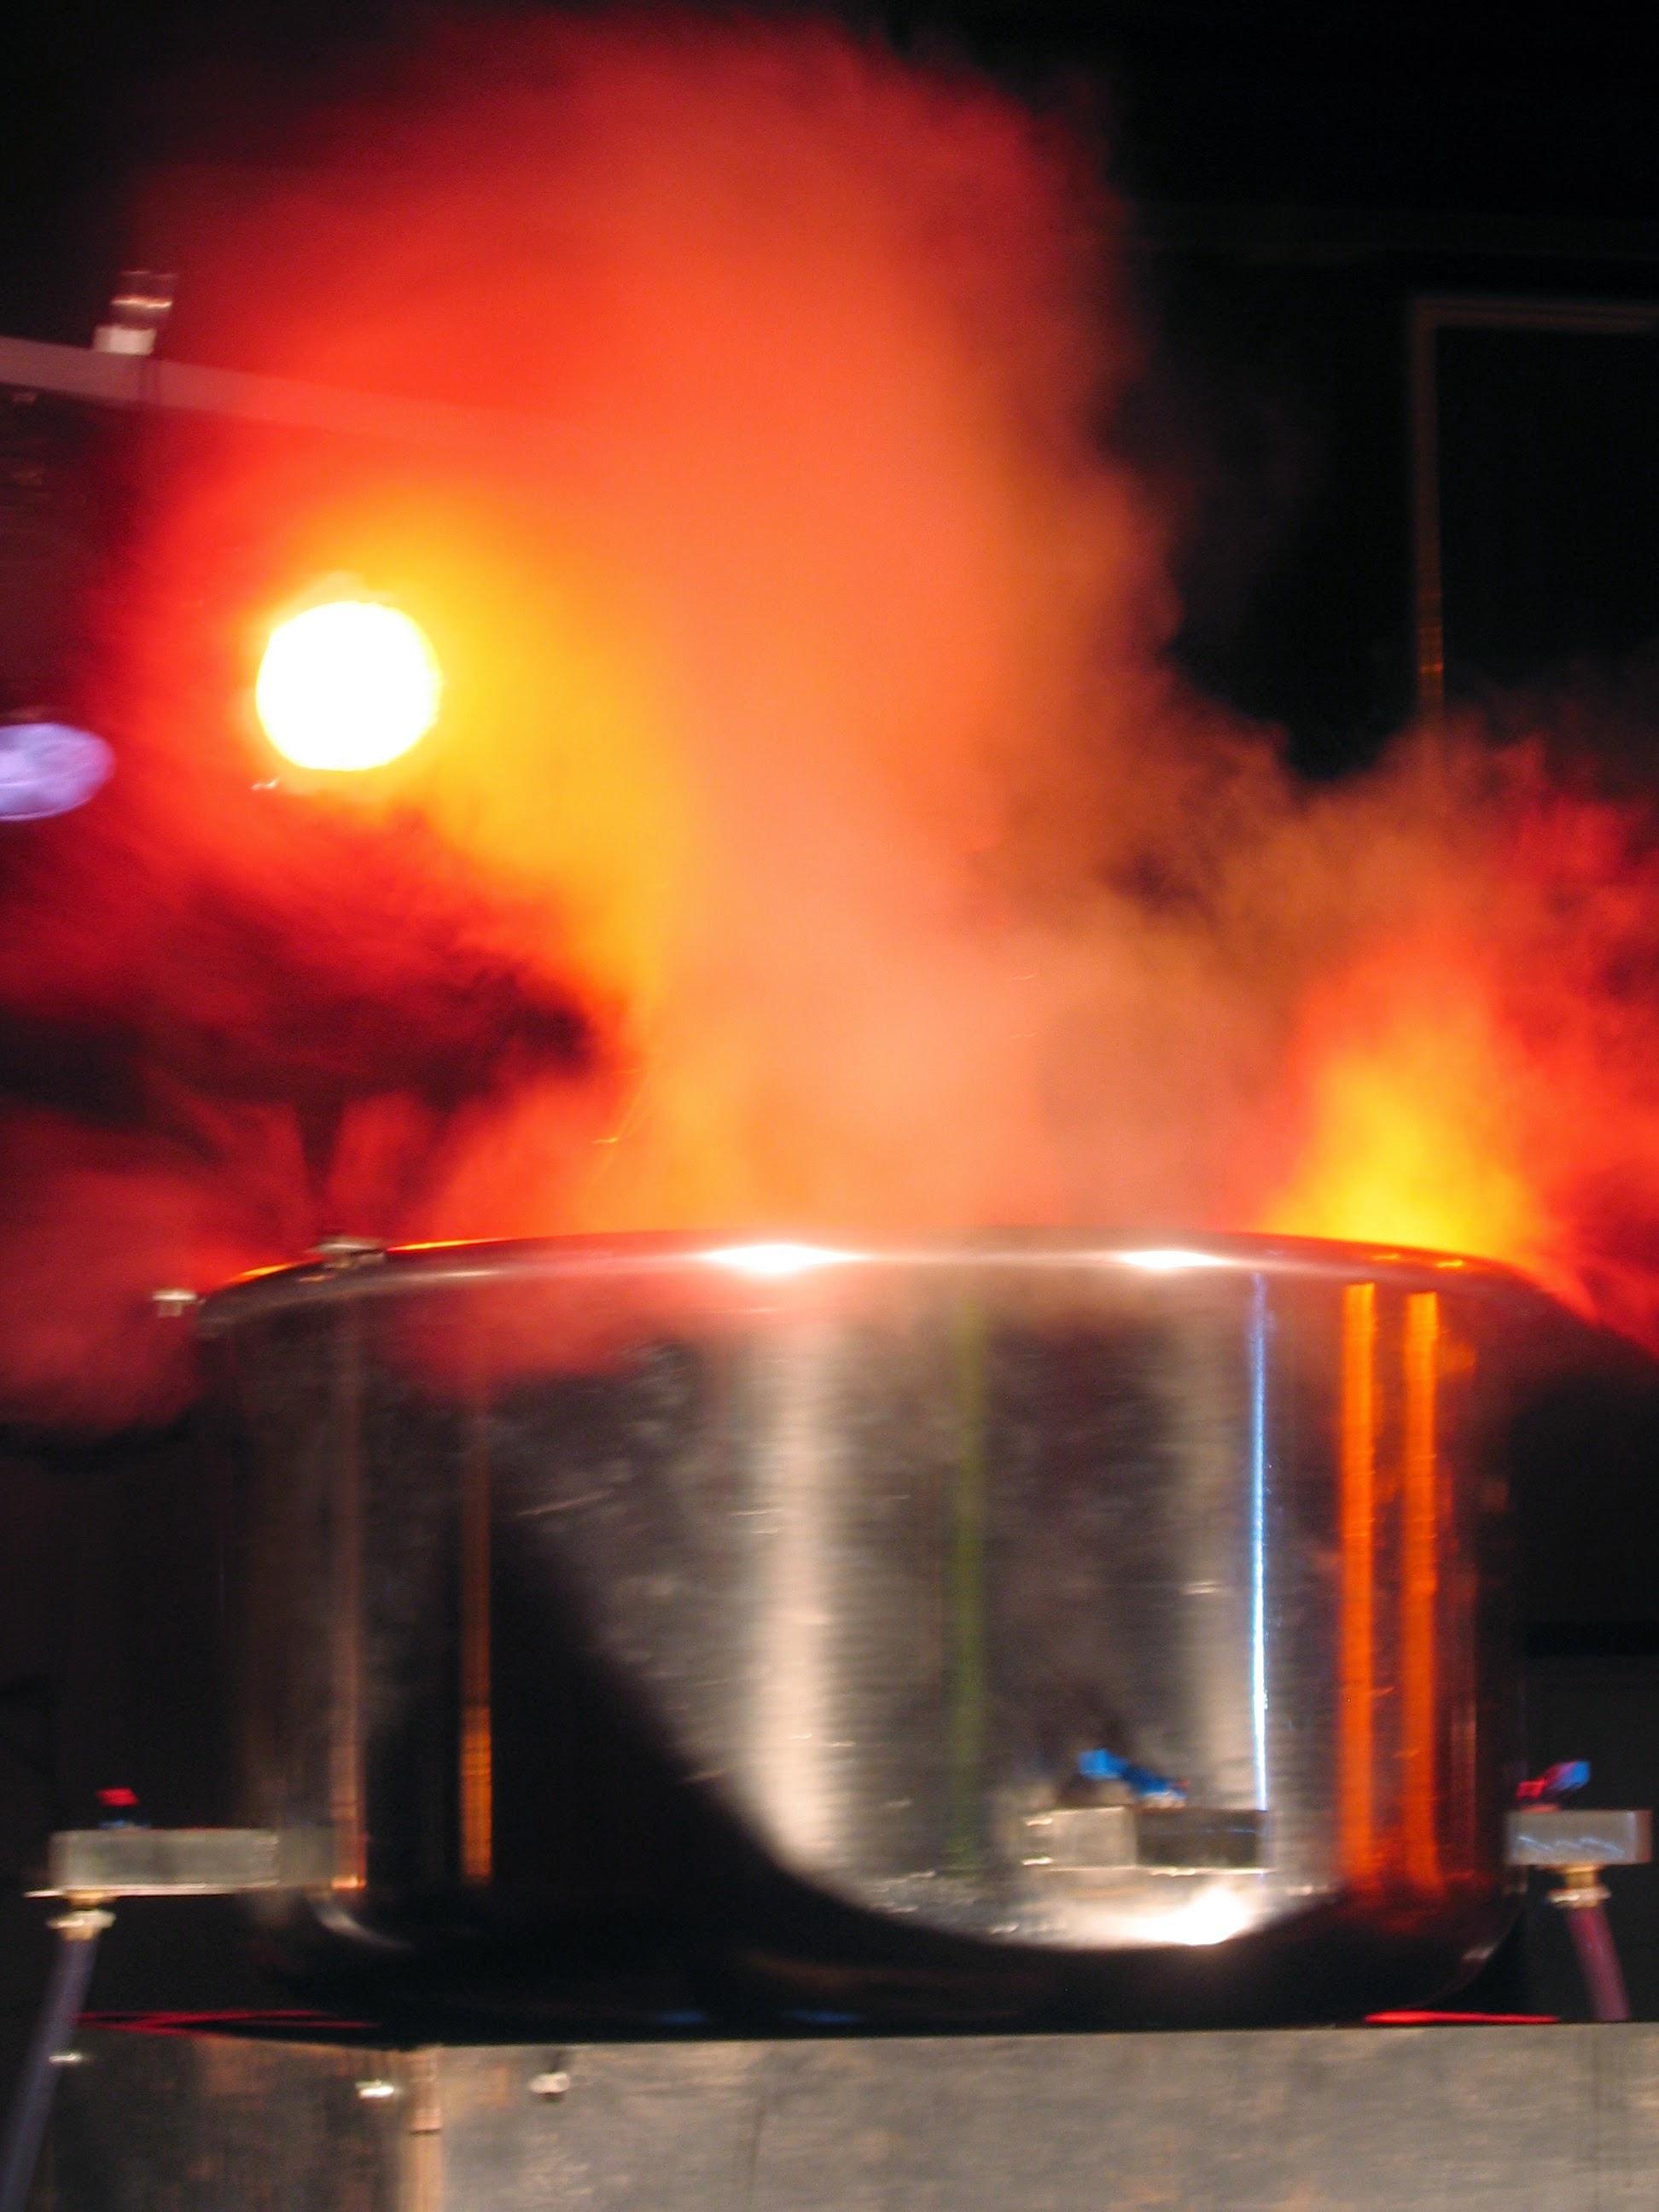 File:Feuerzangenbowle Tübingen - Steam from Pot.JPG